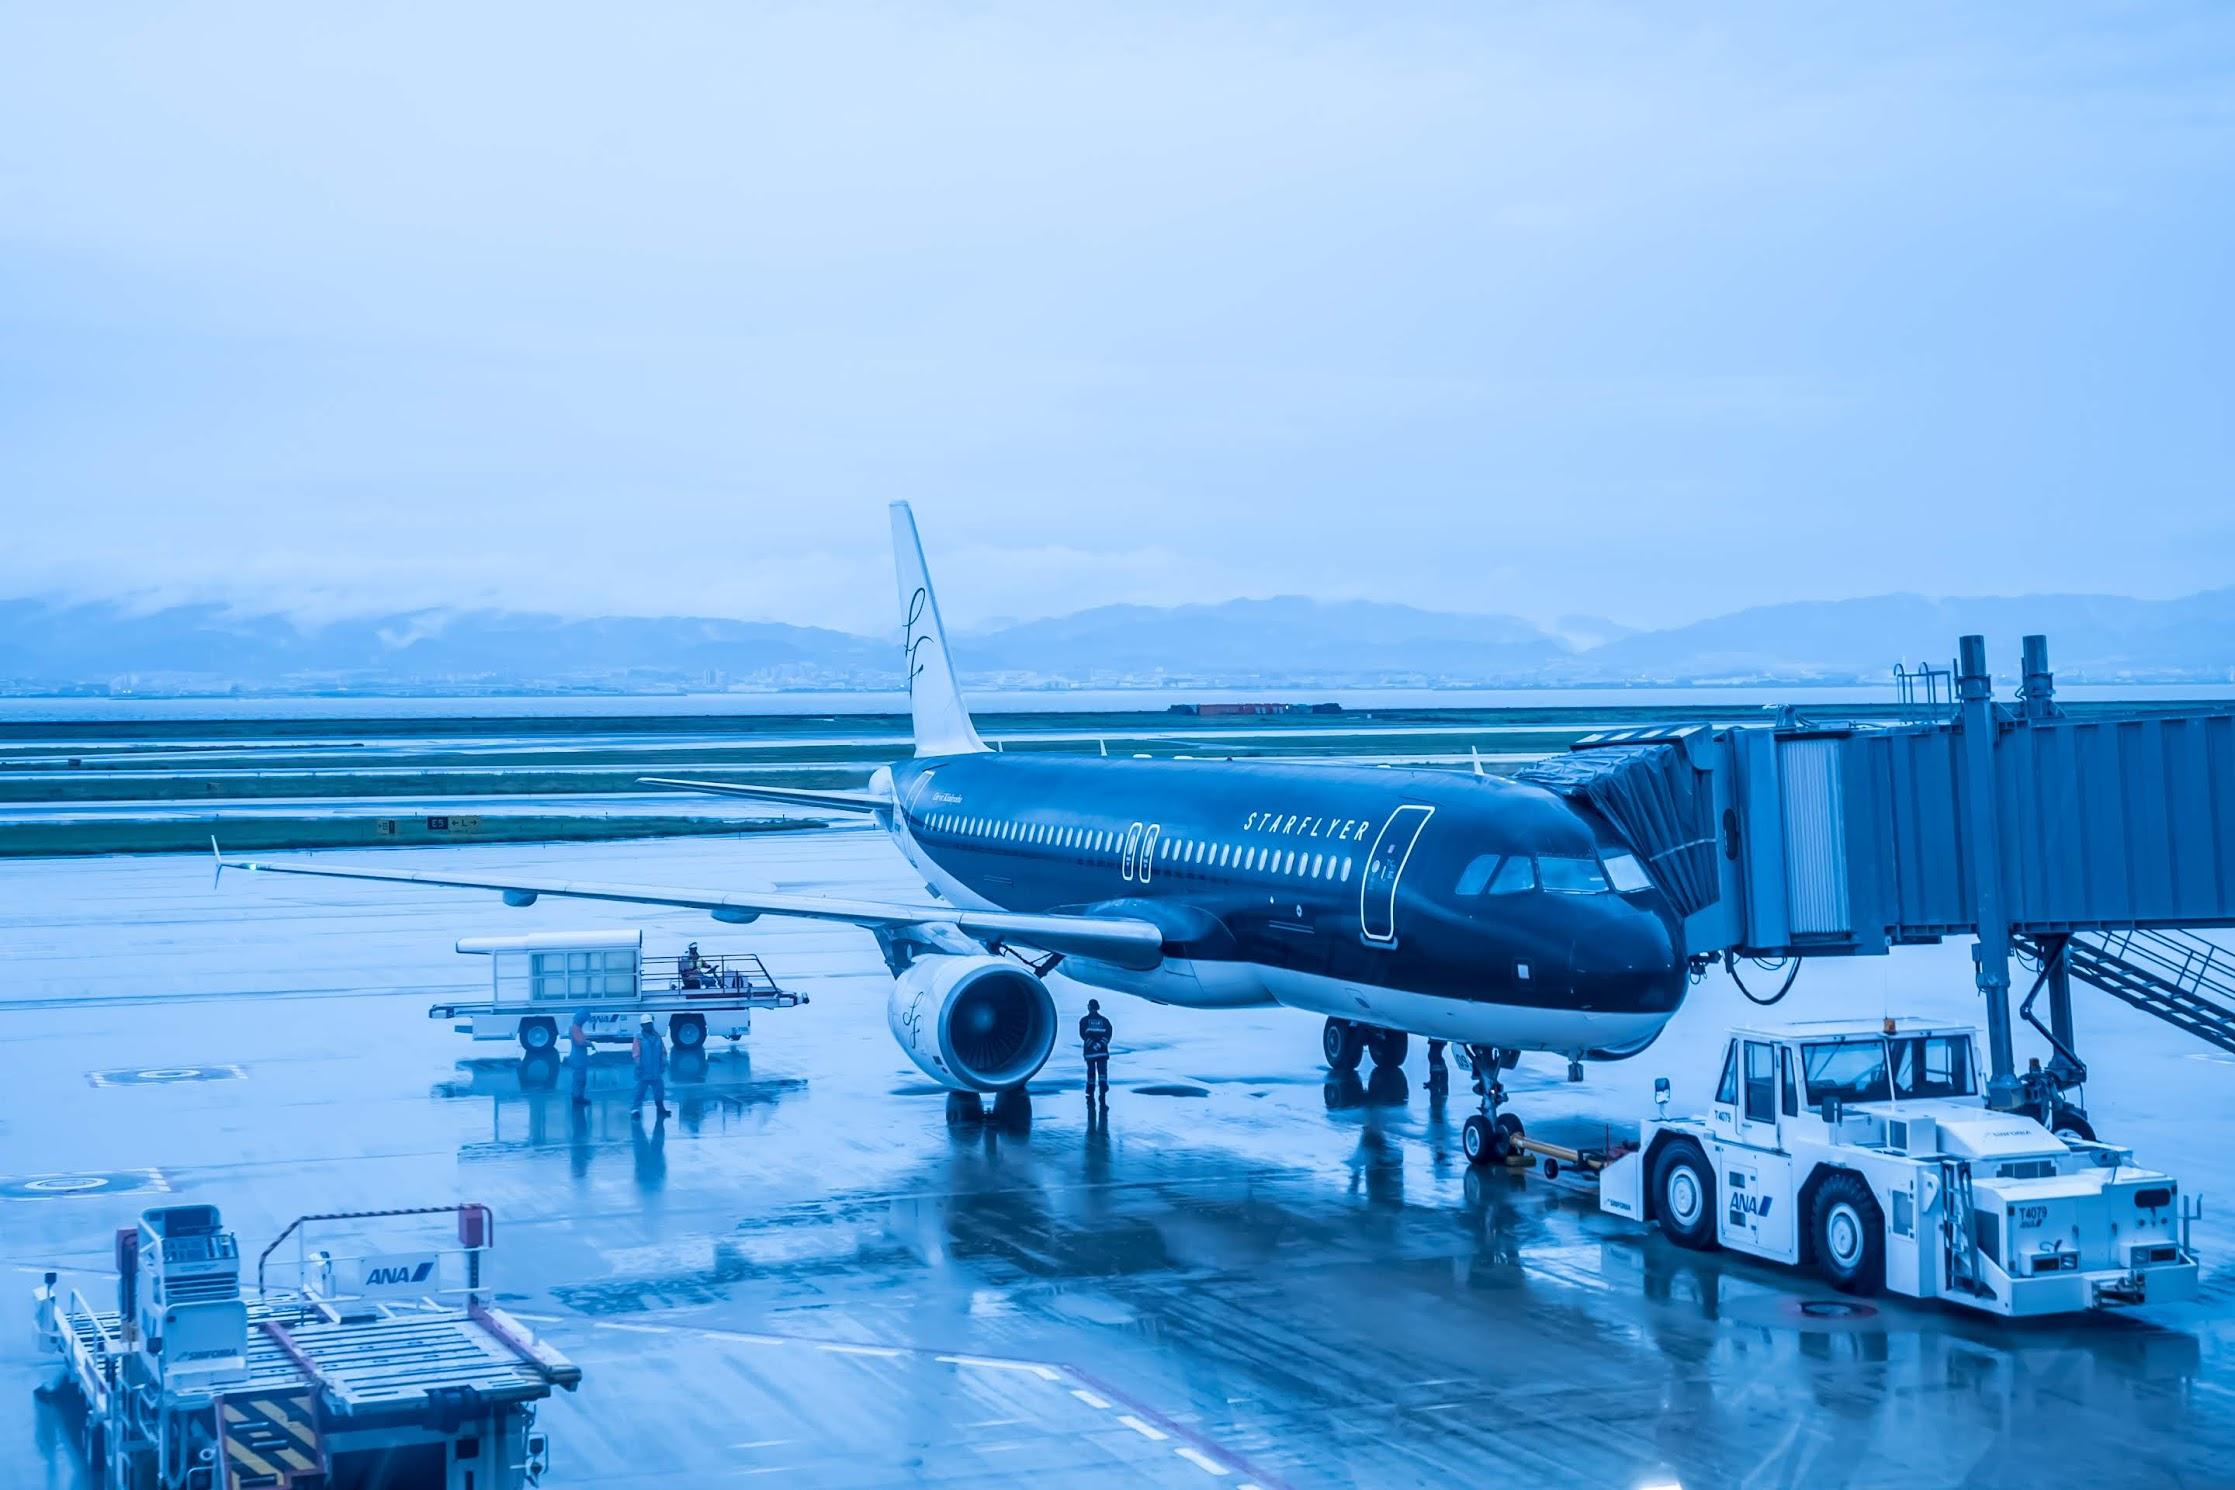 関西国際空港 スターフライヤー1